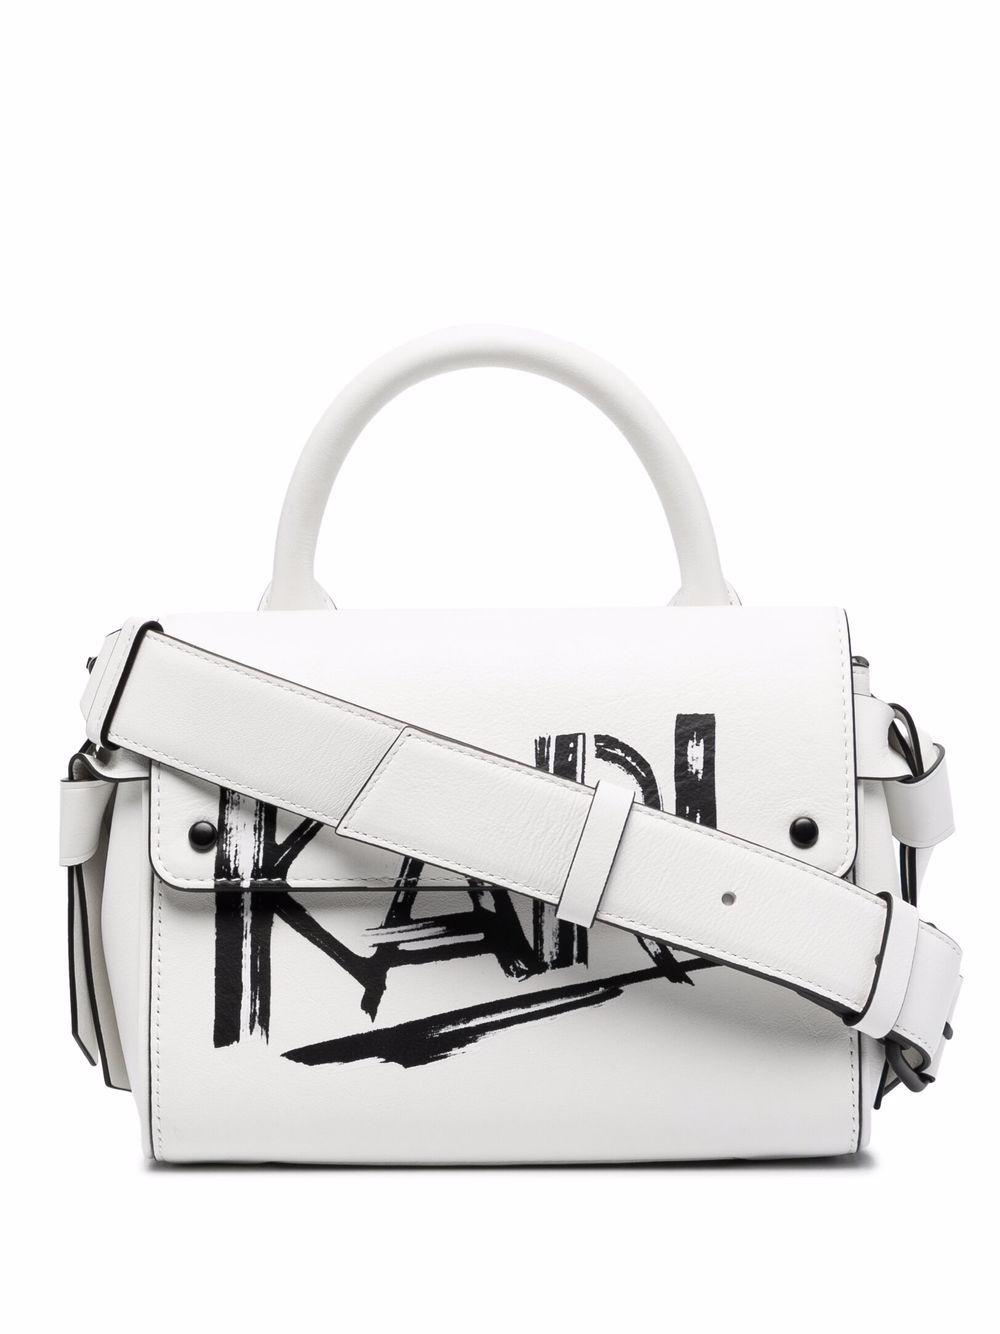 Karl Lagerfeld K/Ikon Handtasche mit gemaltem Logo - Weiß